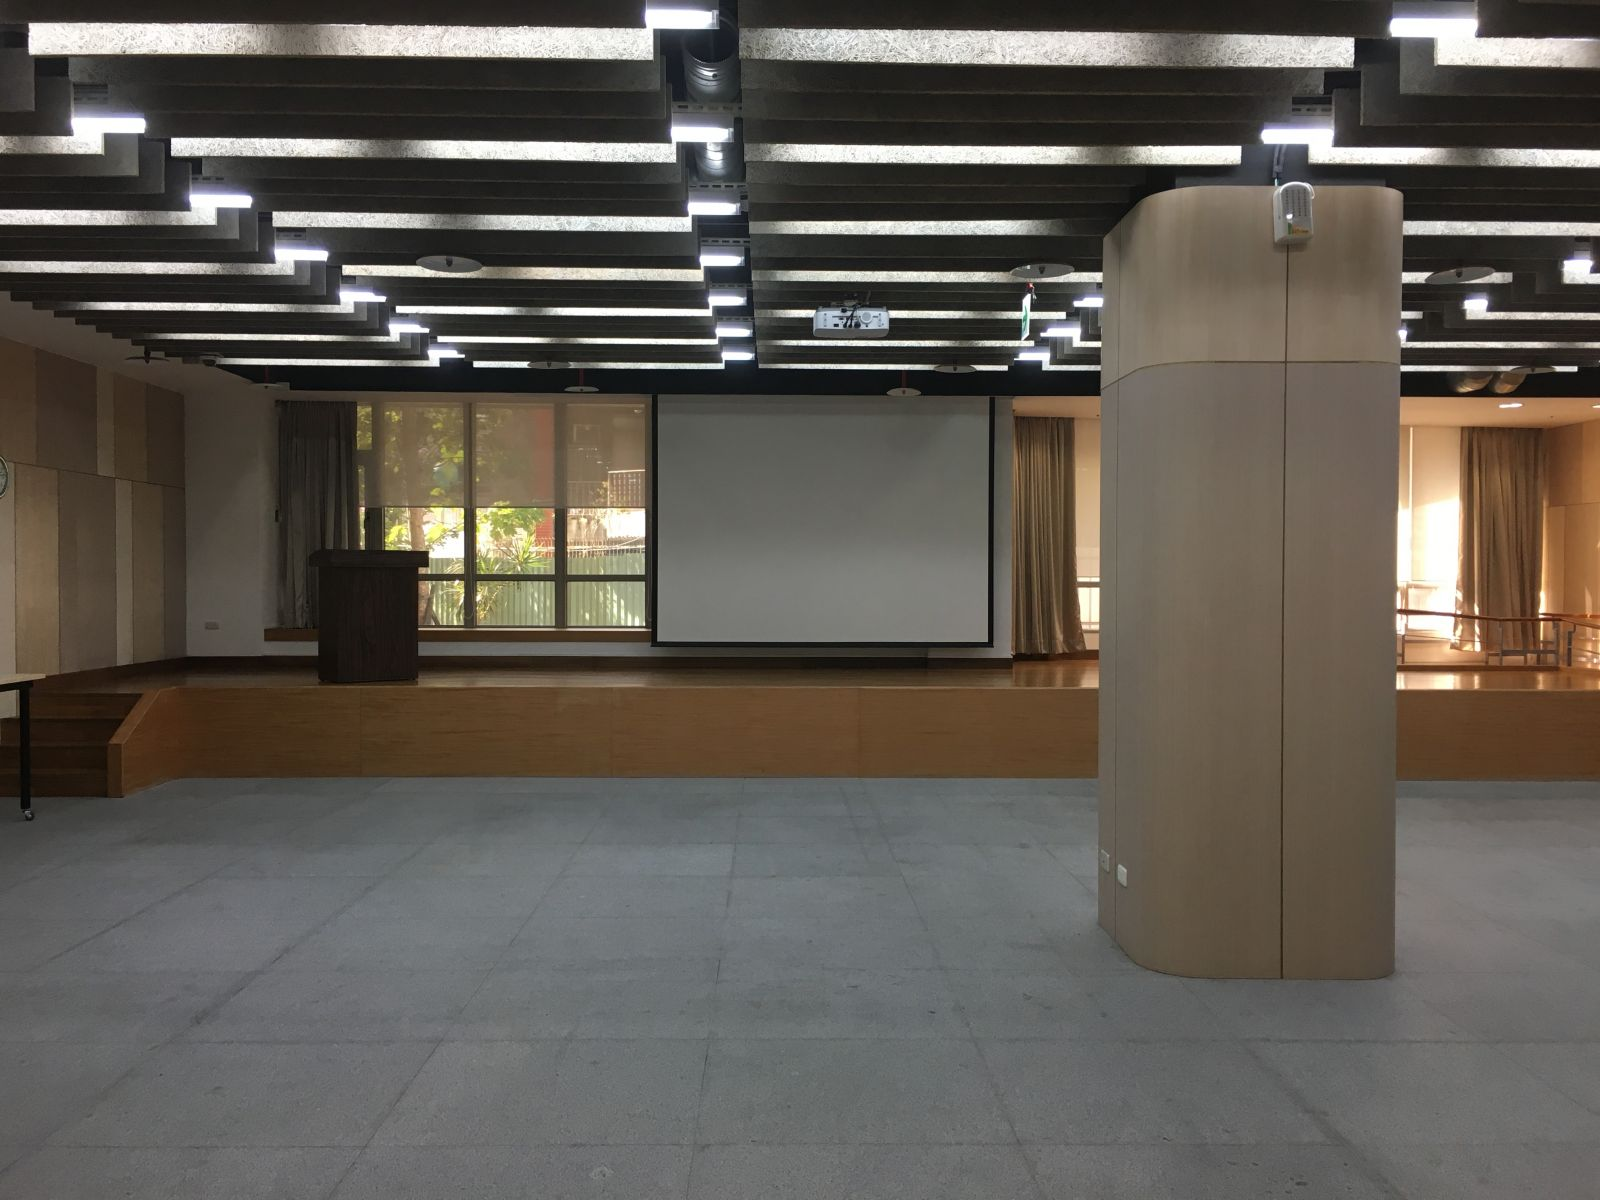 1樓多功能活動區空間示意圖一